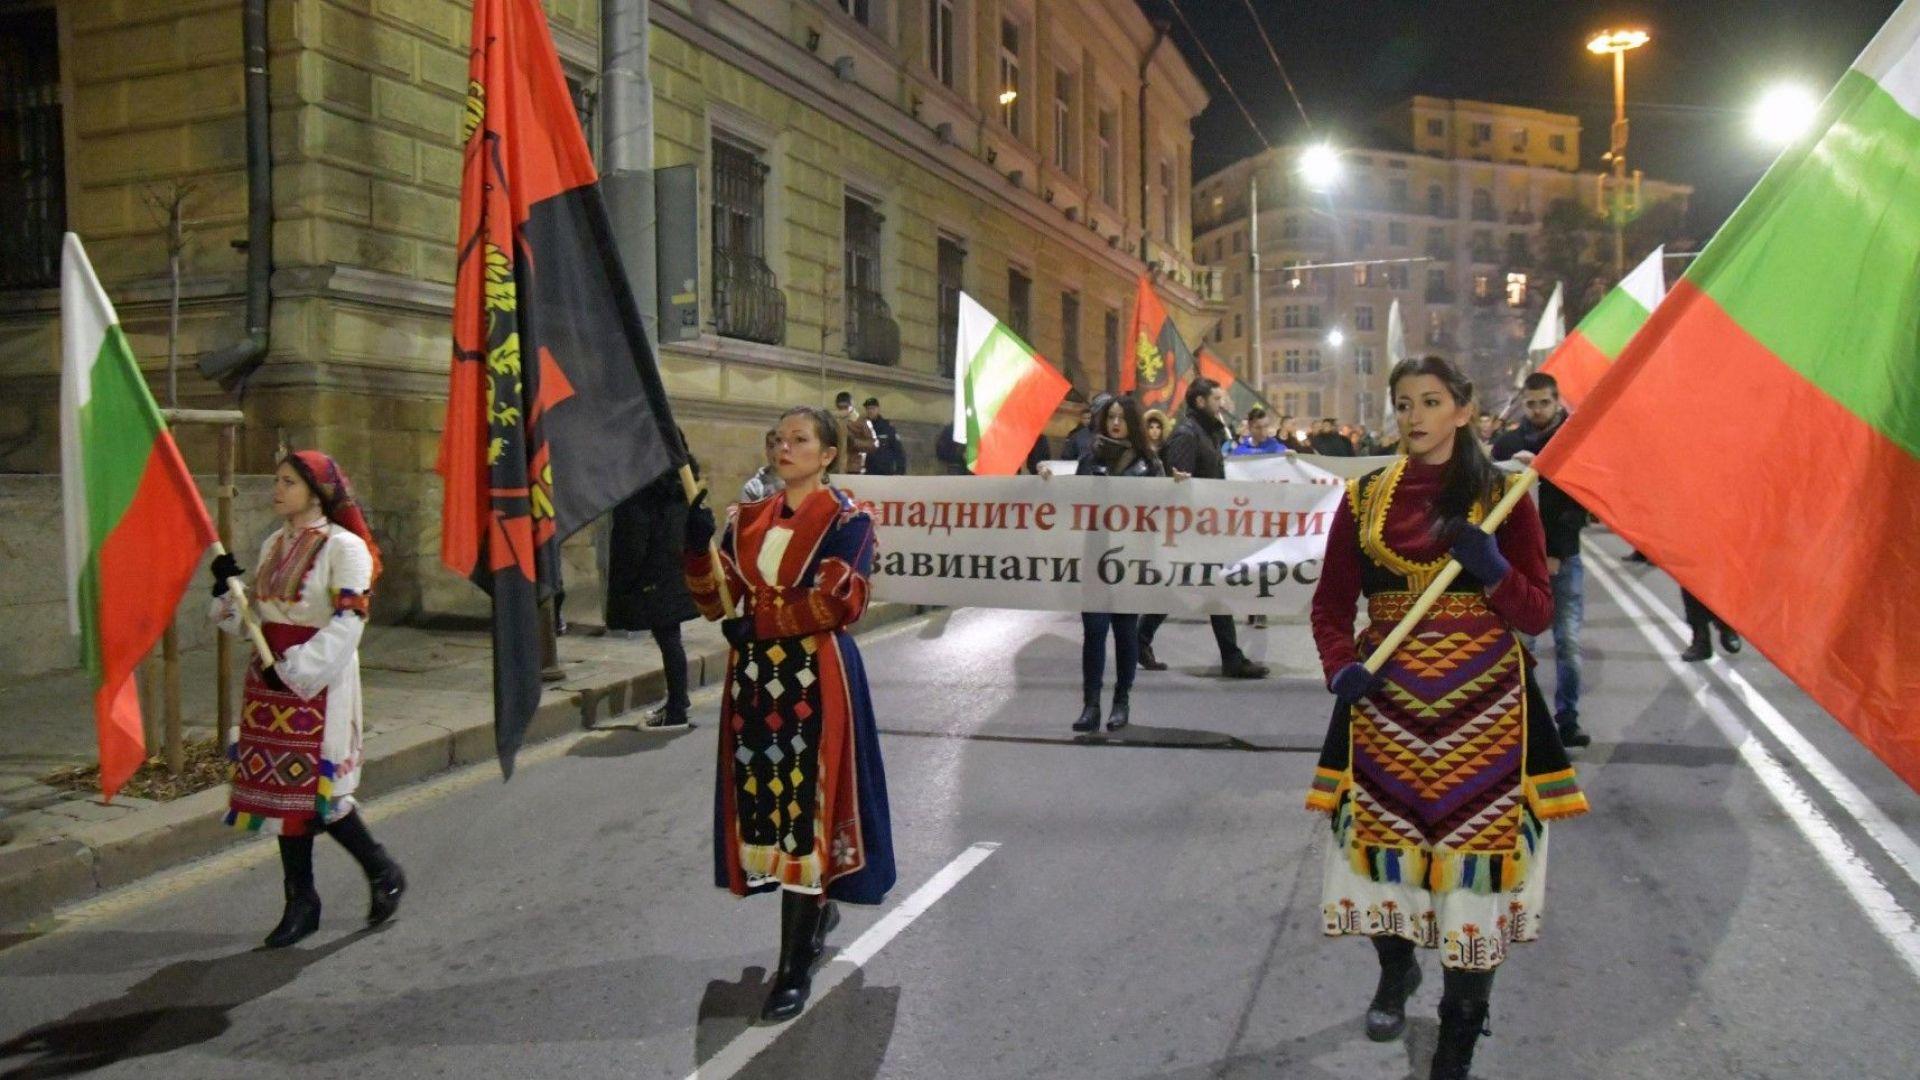 ВМРО: Ньойският договор е позор, който трябва да се помни